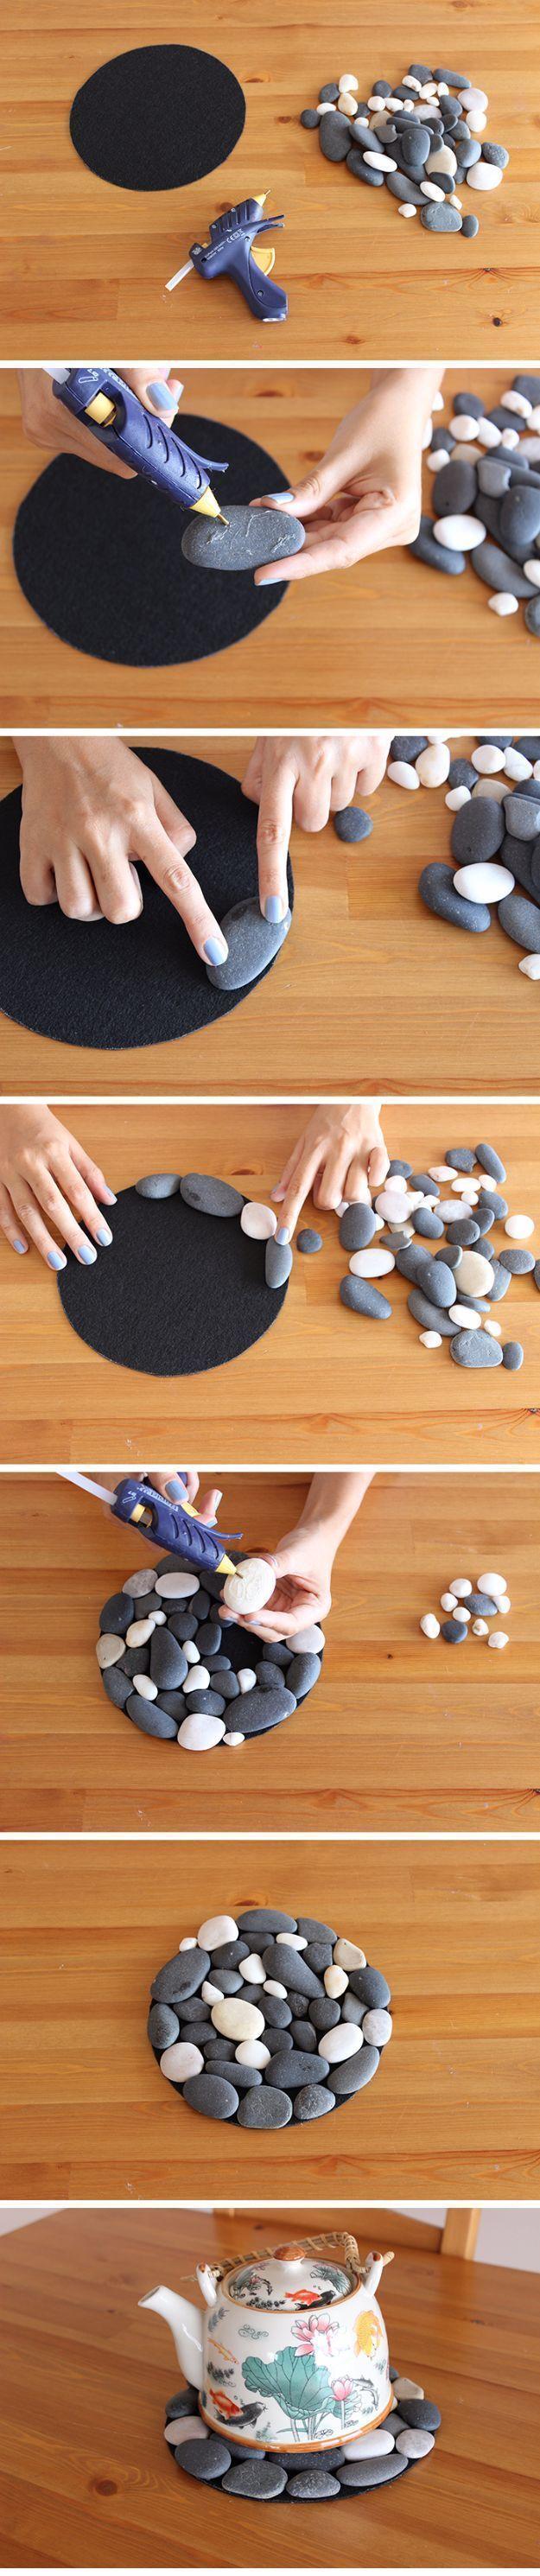 Bestes Land-Handwerk für zu Hause – Pebble Coaster – Cool und leicht zugänglich